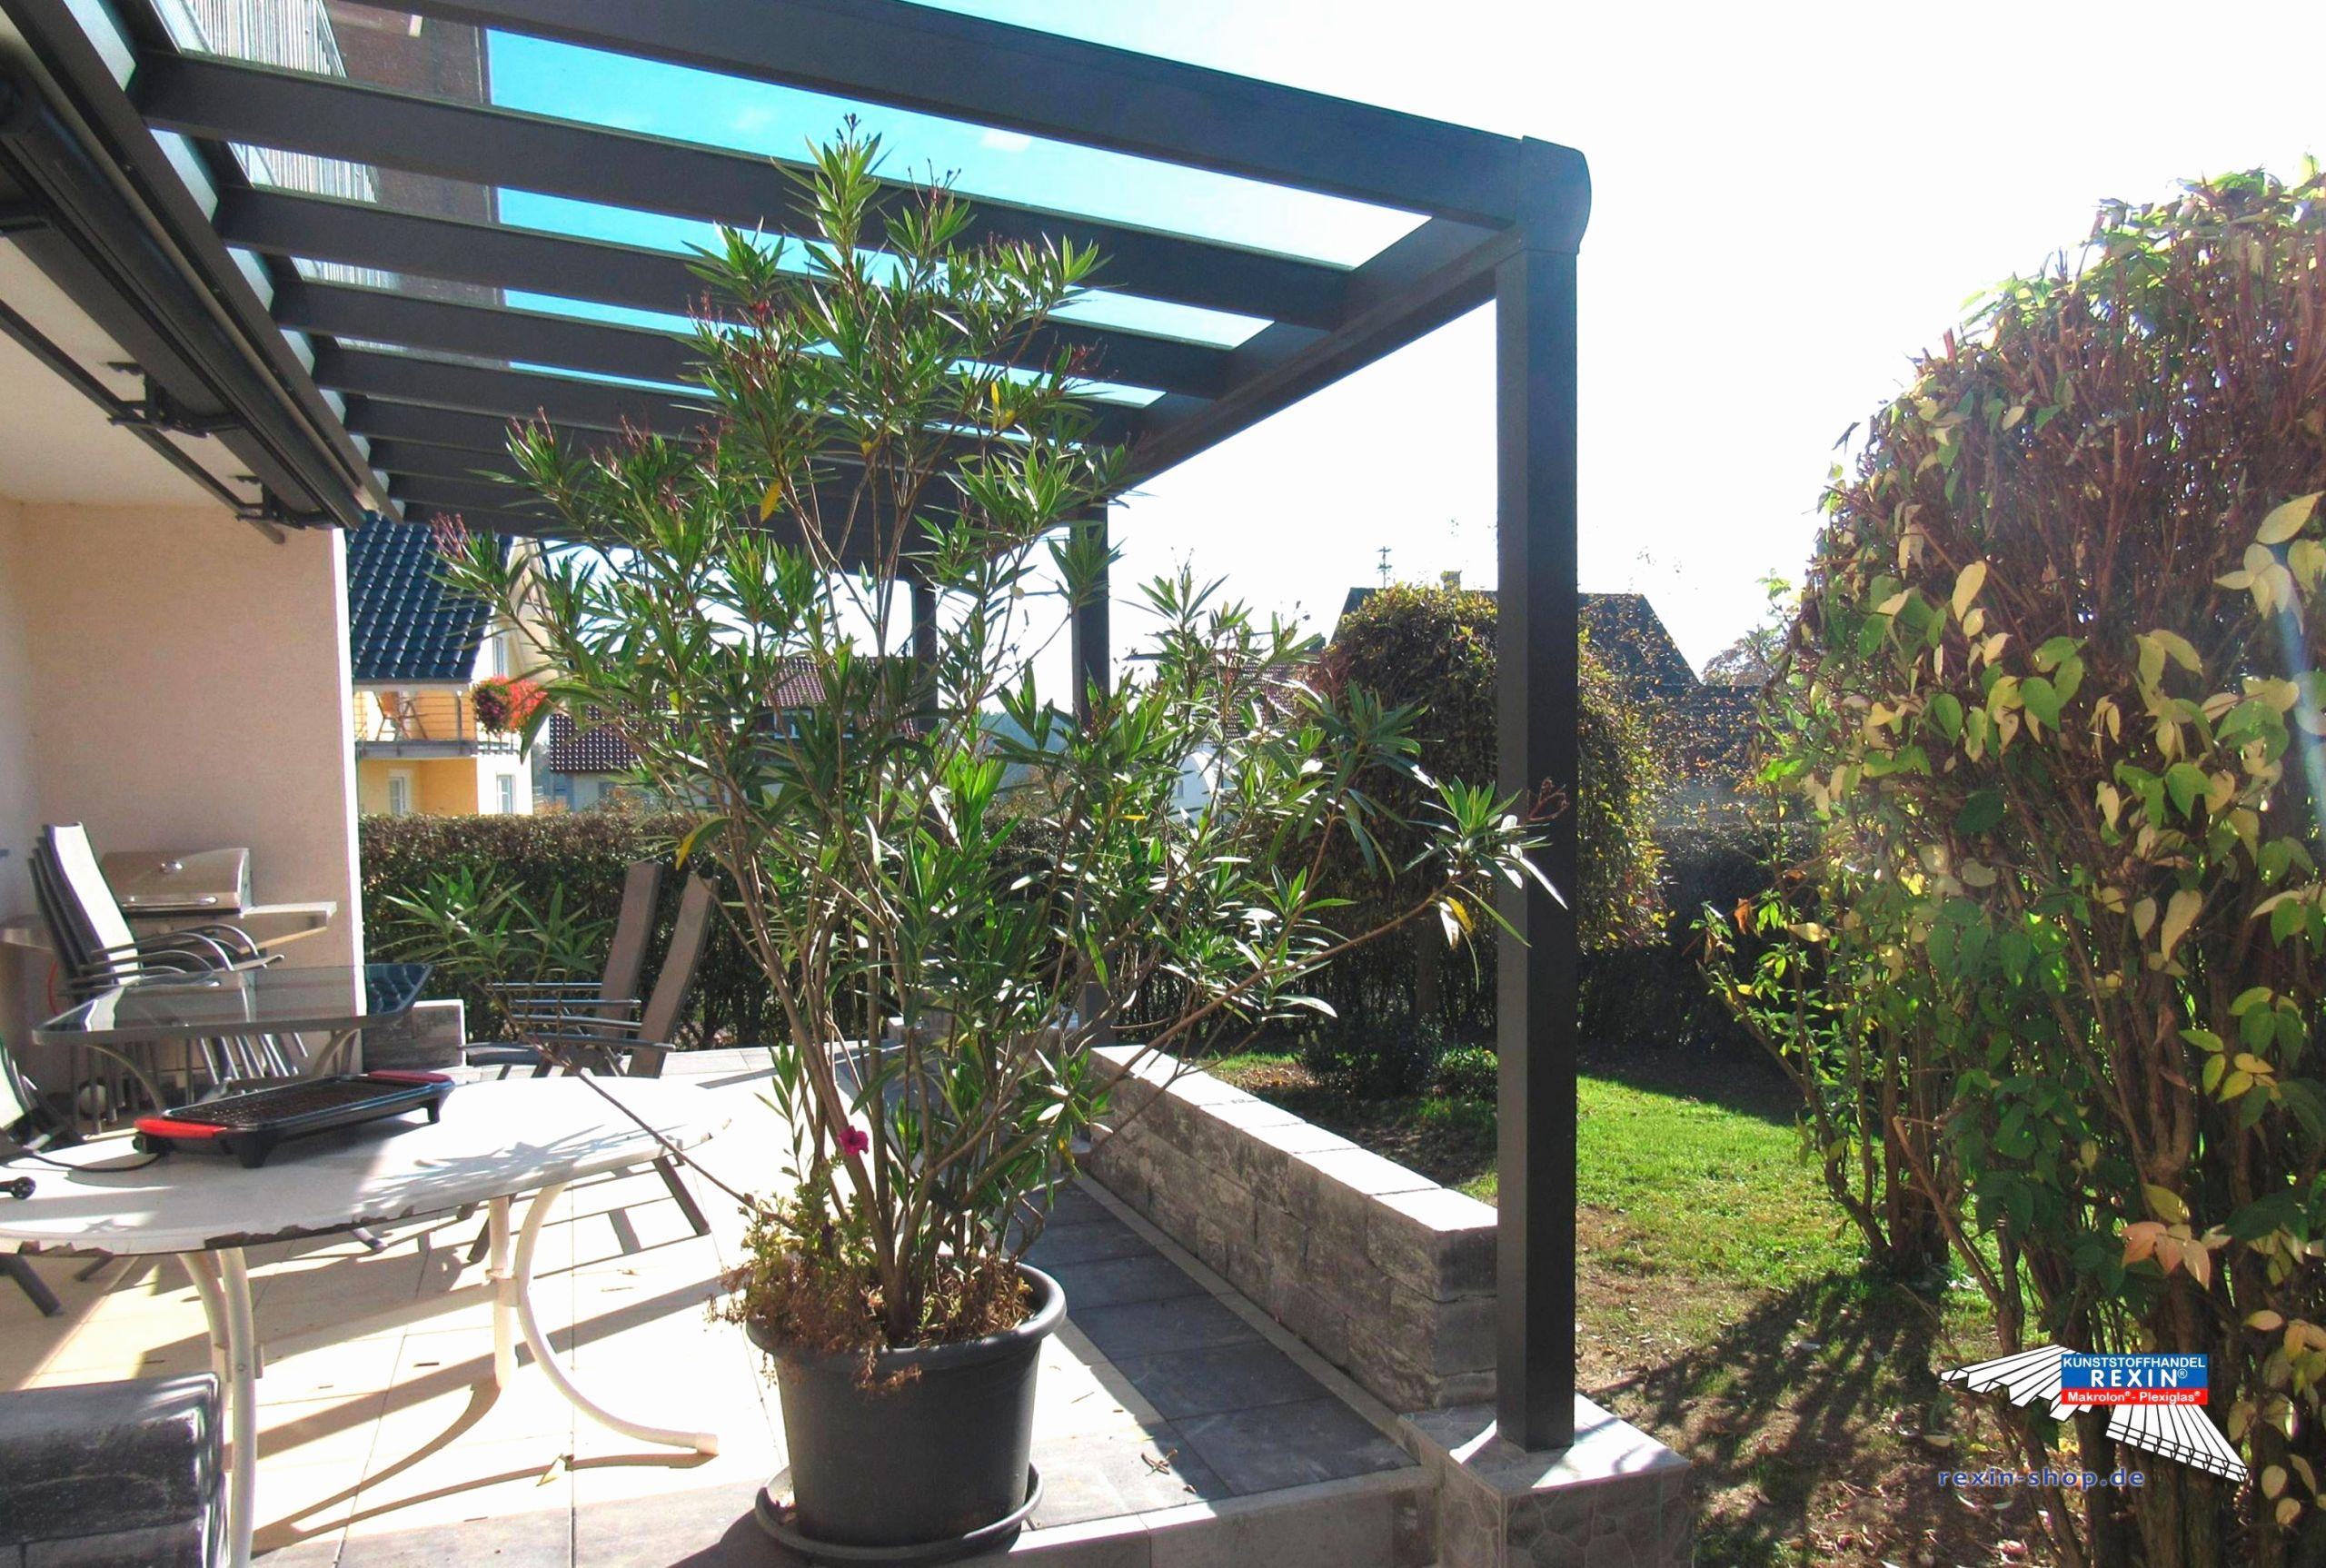 sommer deko ideen schon balkon dekorieren nue deko ideen sommer kreationen balkon deko of sommer deko ideen